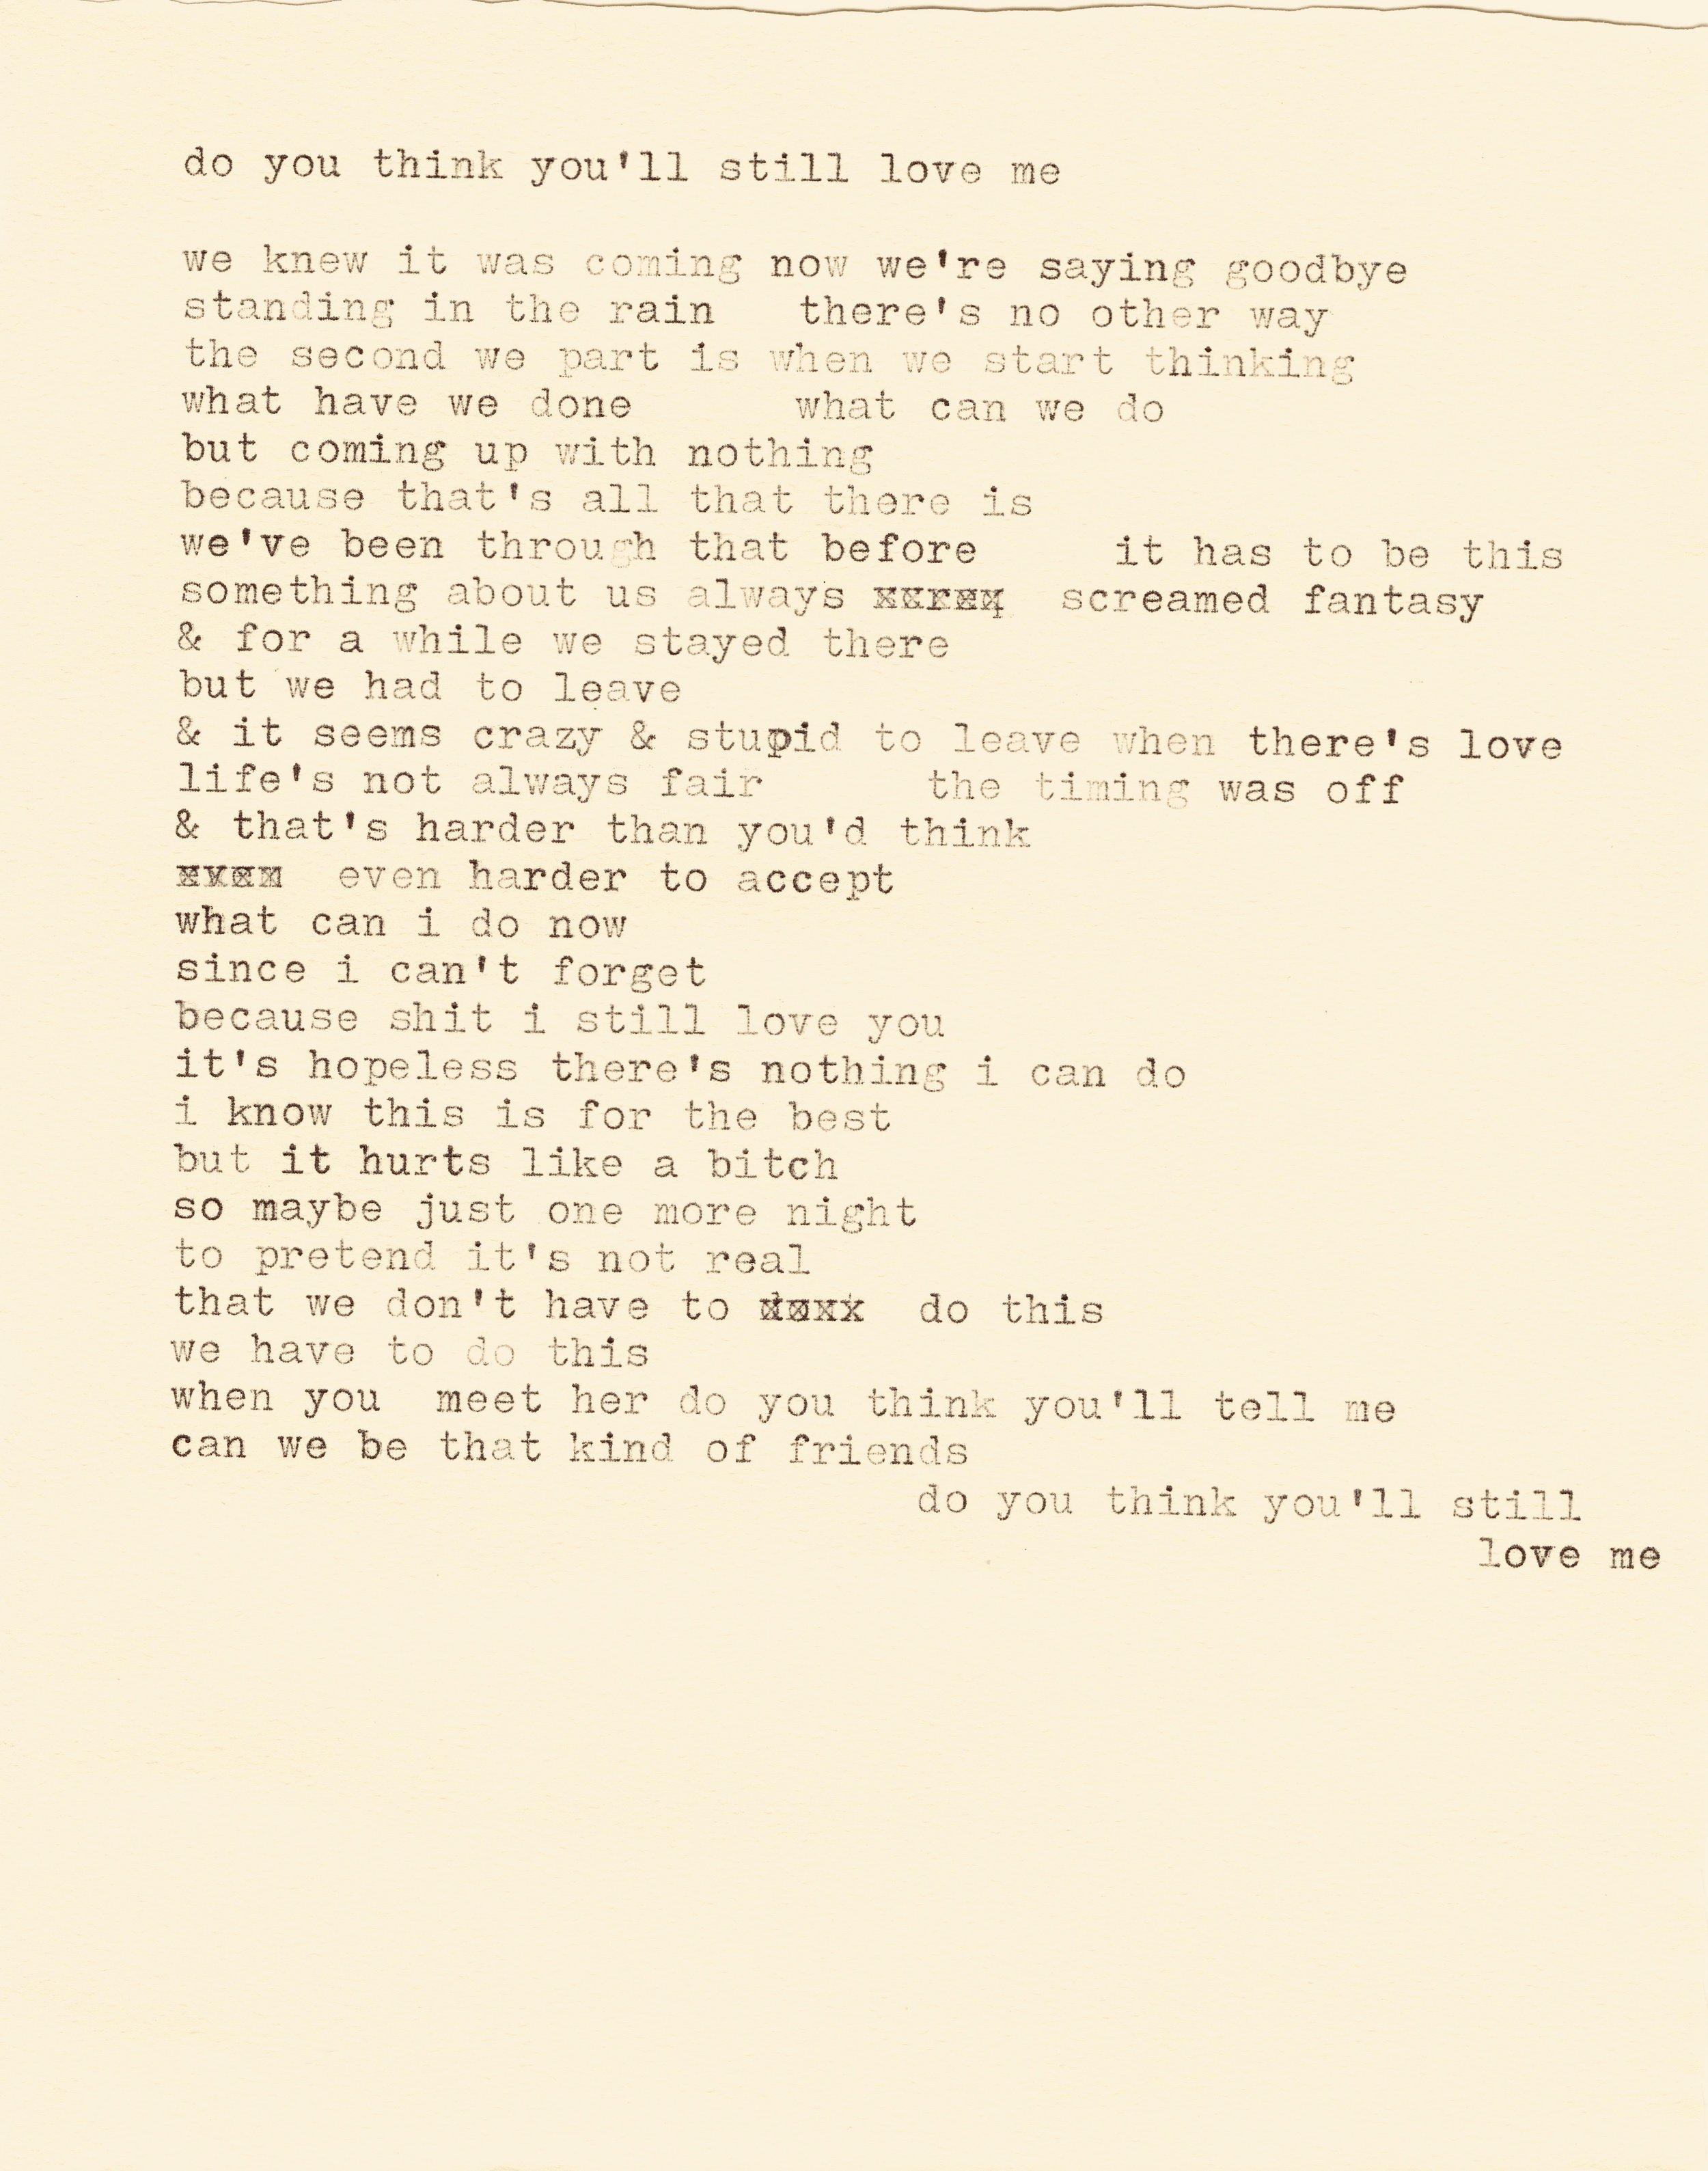 do you think you'll still love me lyrics typewriter.jpg